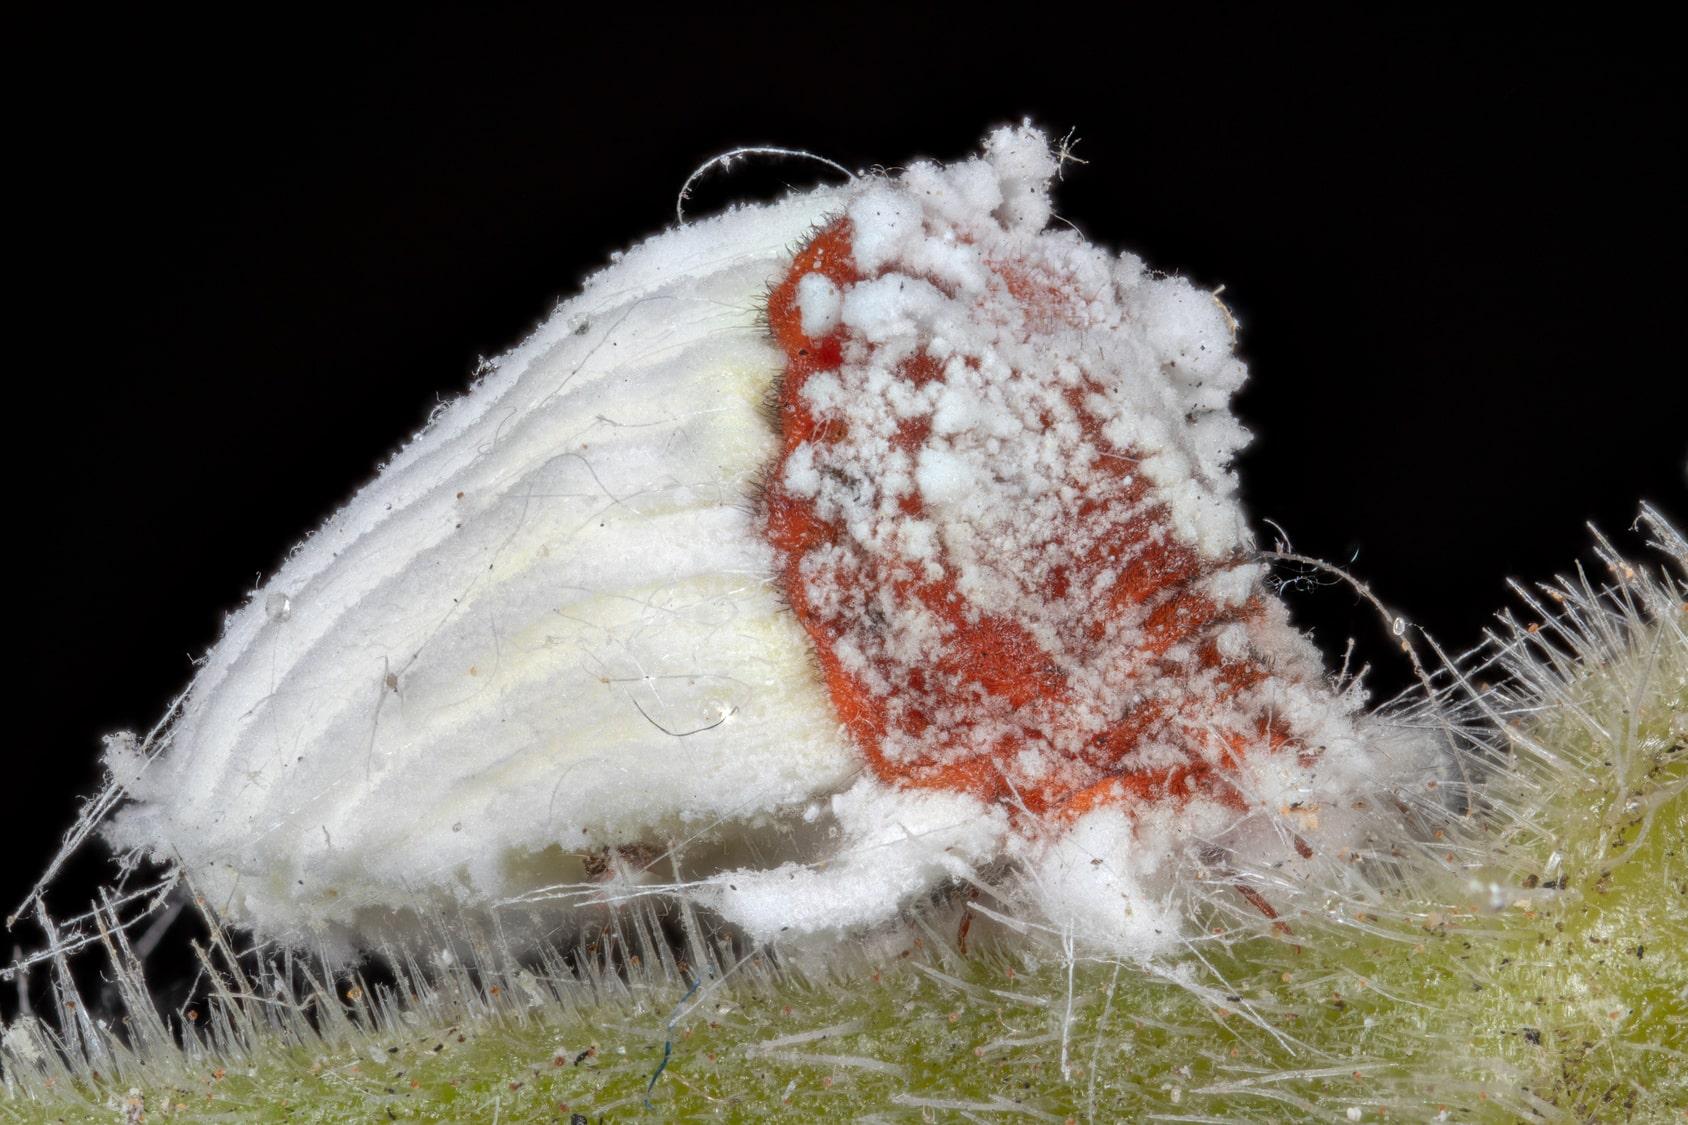 Erfahre mehr über Coccus cacti Globuli in der Homöopathie und bei welchen Krankheiten es angewendet wird. Fotolia © jgd.cannes